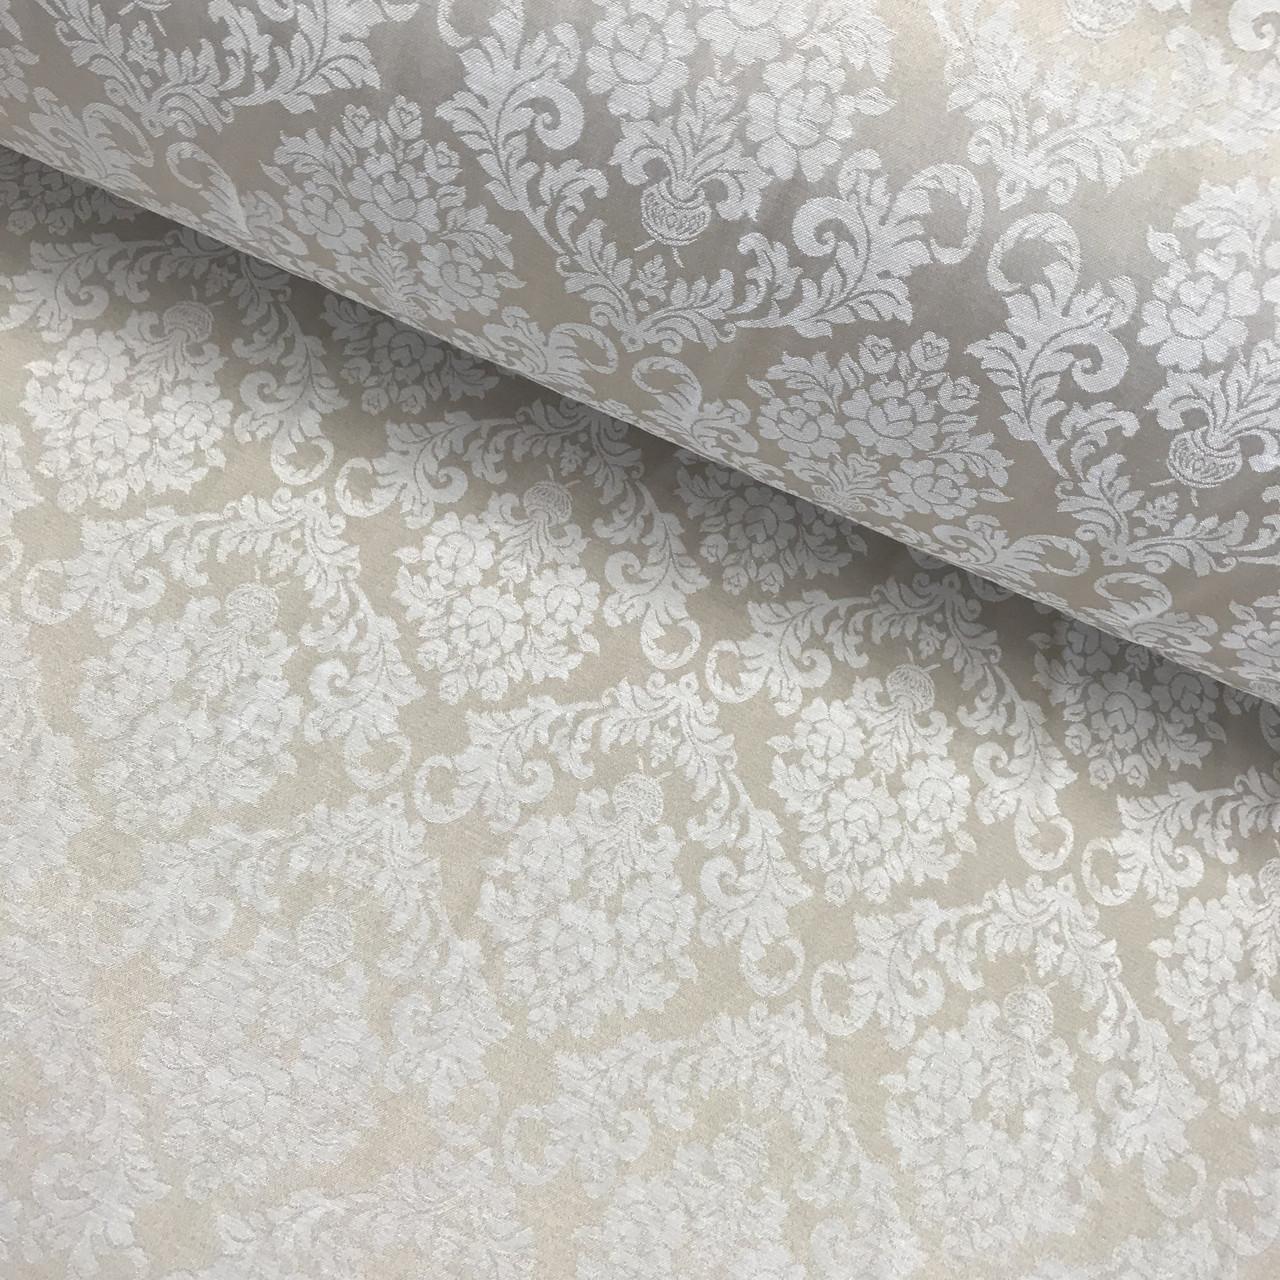 Купить ткань для постельного белья сатин жаккард ткань плиссе купить в воронеже